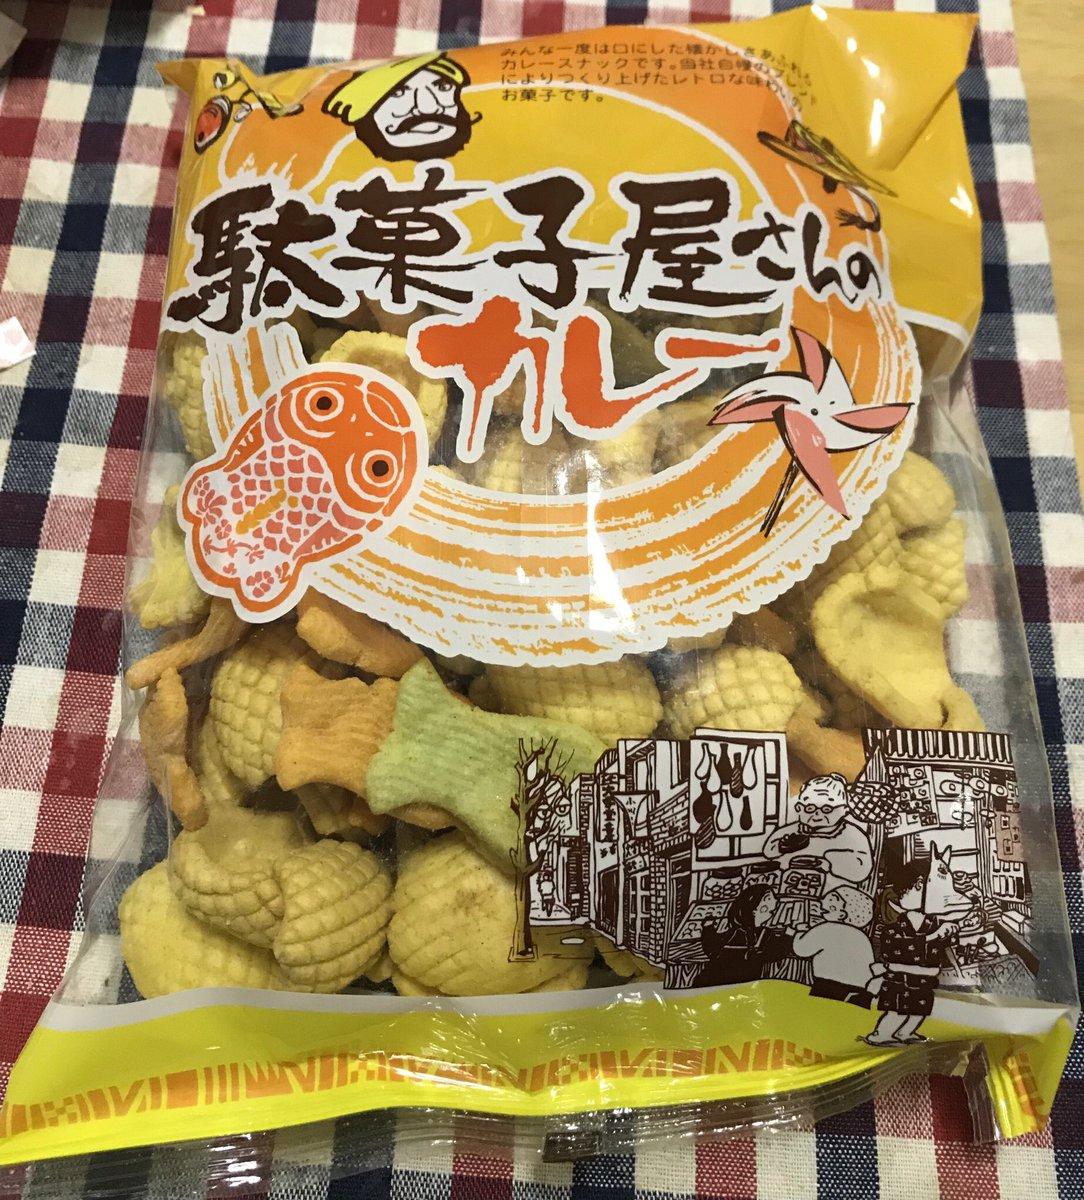 test ツイッターメディア - ダイソーで売ってたので衝動買いした懐かしい味の「駄菓子屋さんのカレー」。発売元はやおきん。黄色いのが切り込みが入ったイカの切り身のイメージとは気づかなかった。久しぶりに食べると美味い☺︎ #駄菓子 #やおきん #ダイソー https://t.co/OUkVP4MmJF